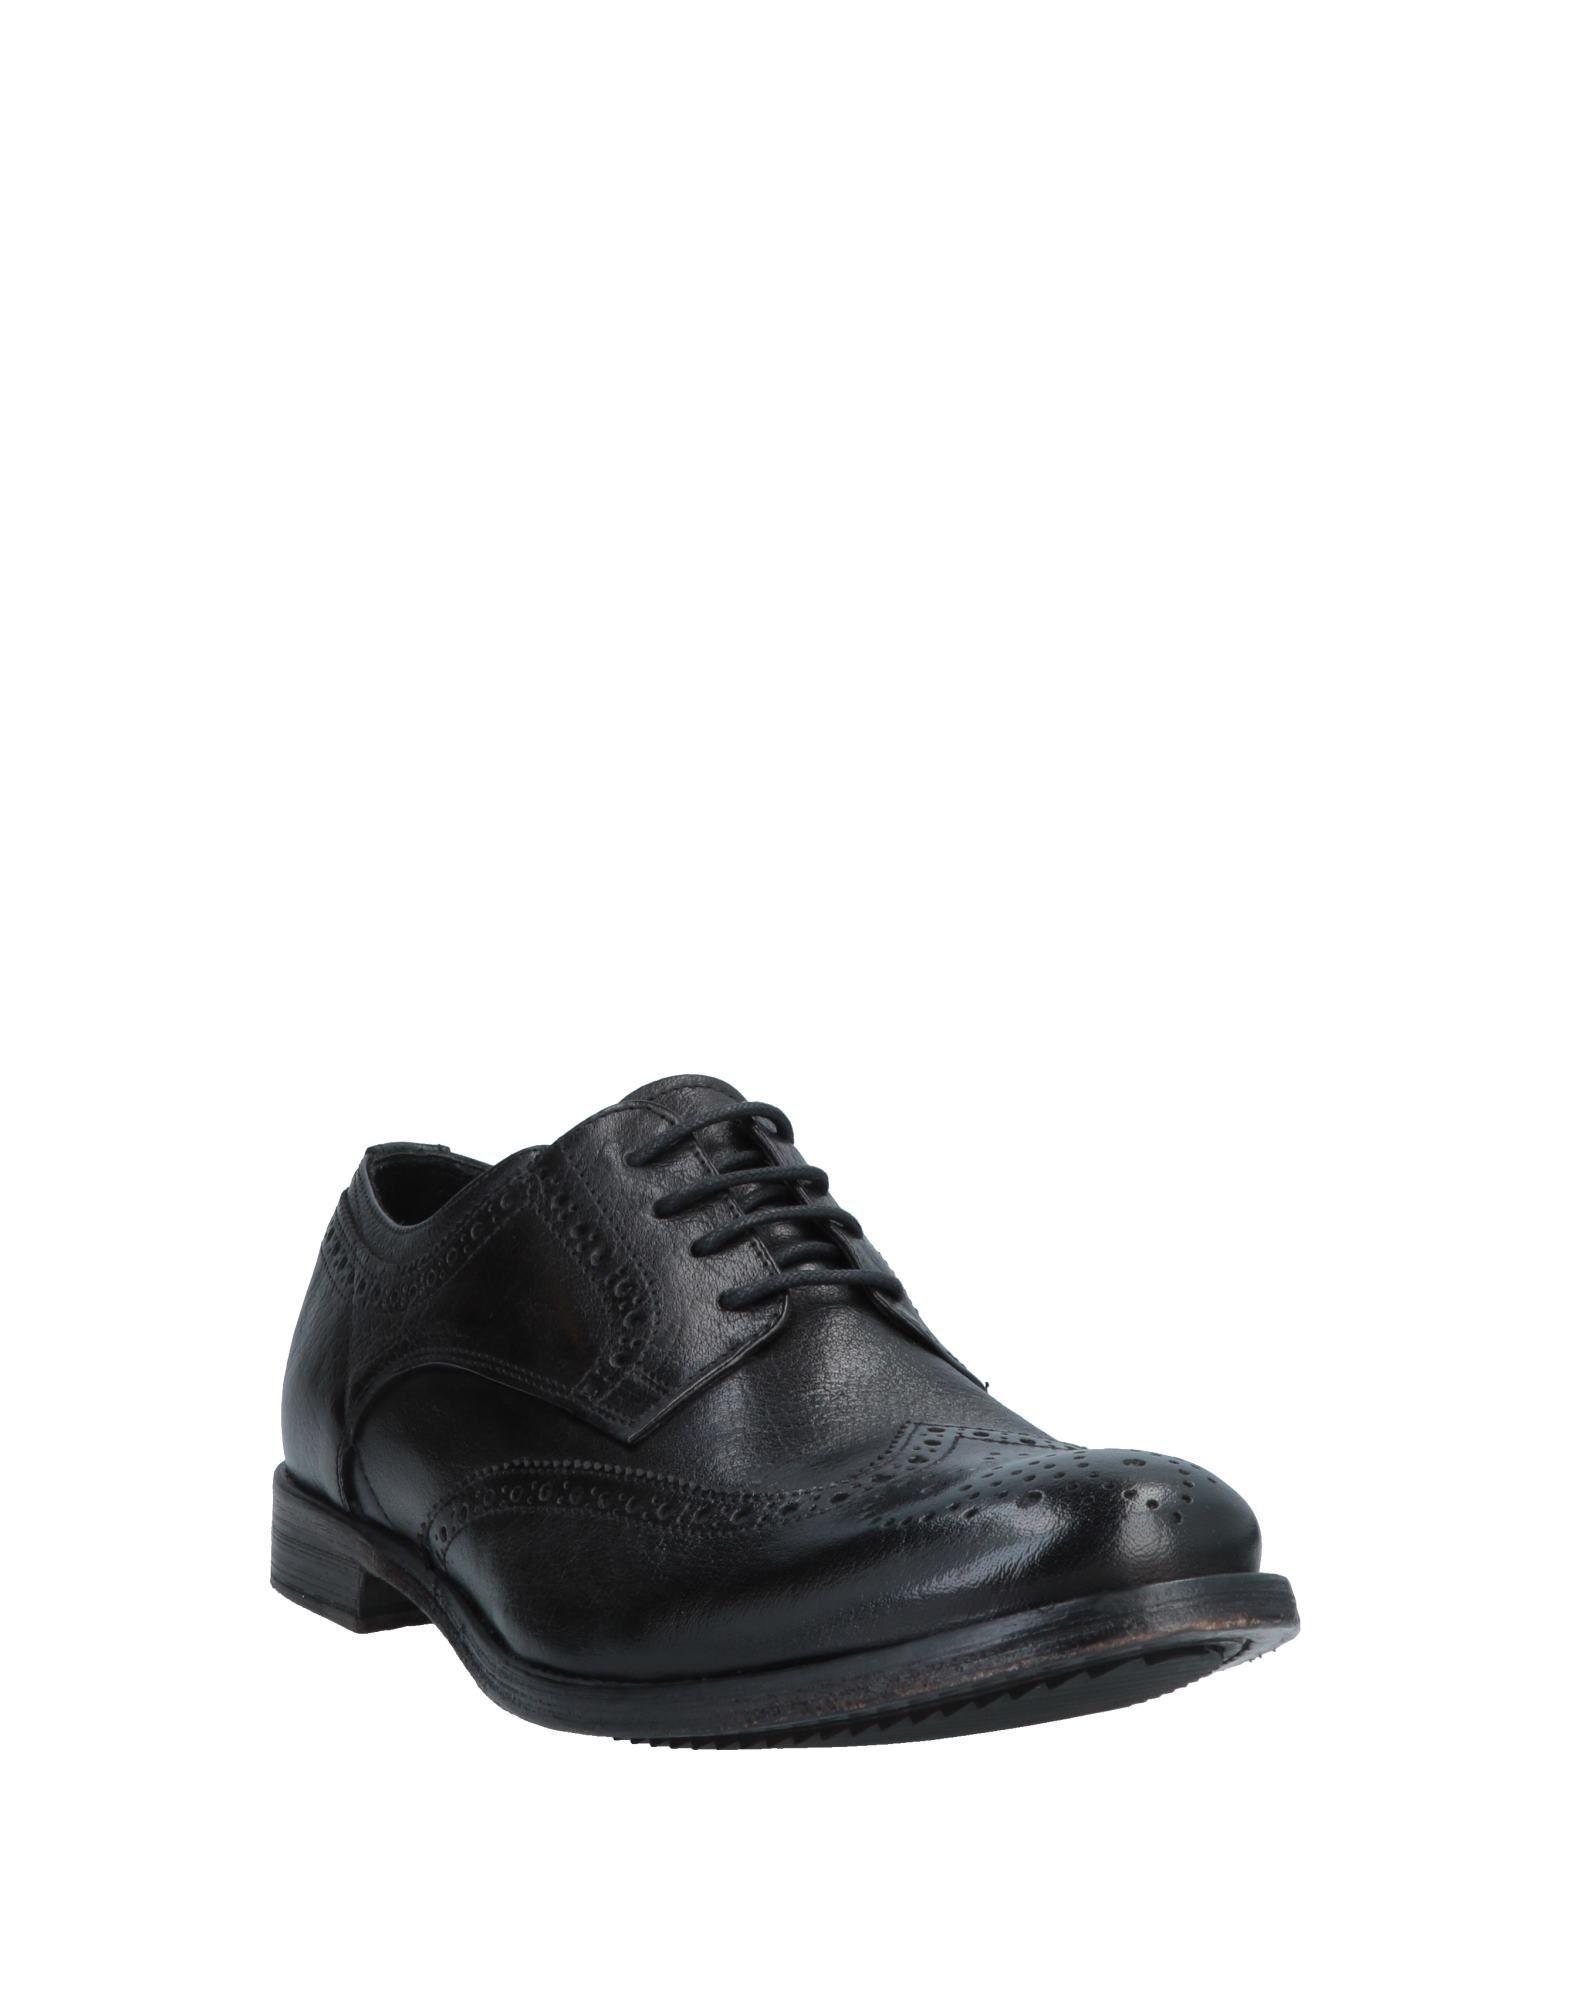 Zapatos de cordones Minoronzoni 1953 de Cuero de color Negro para hombre